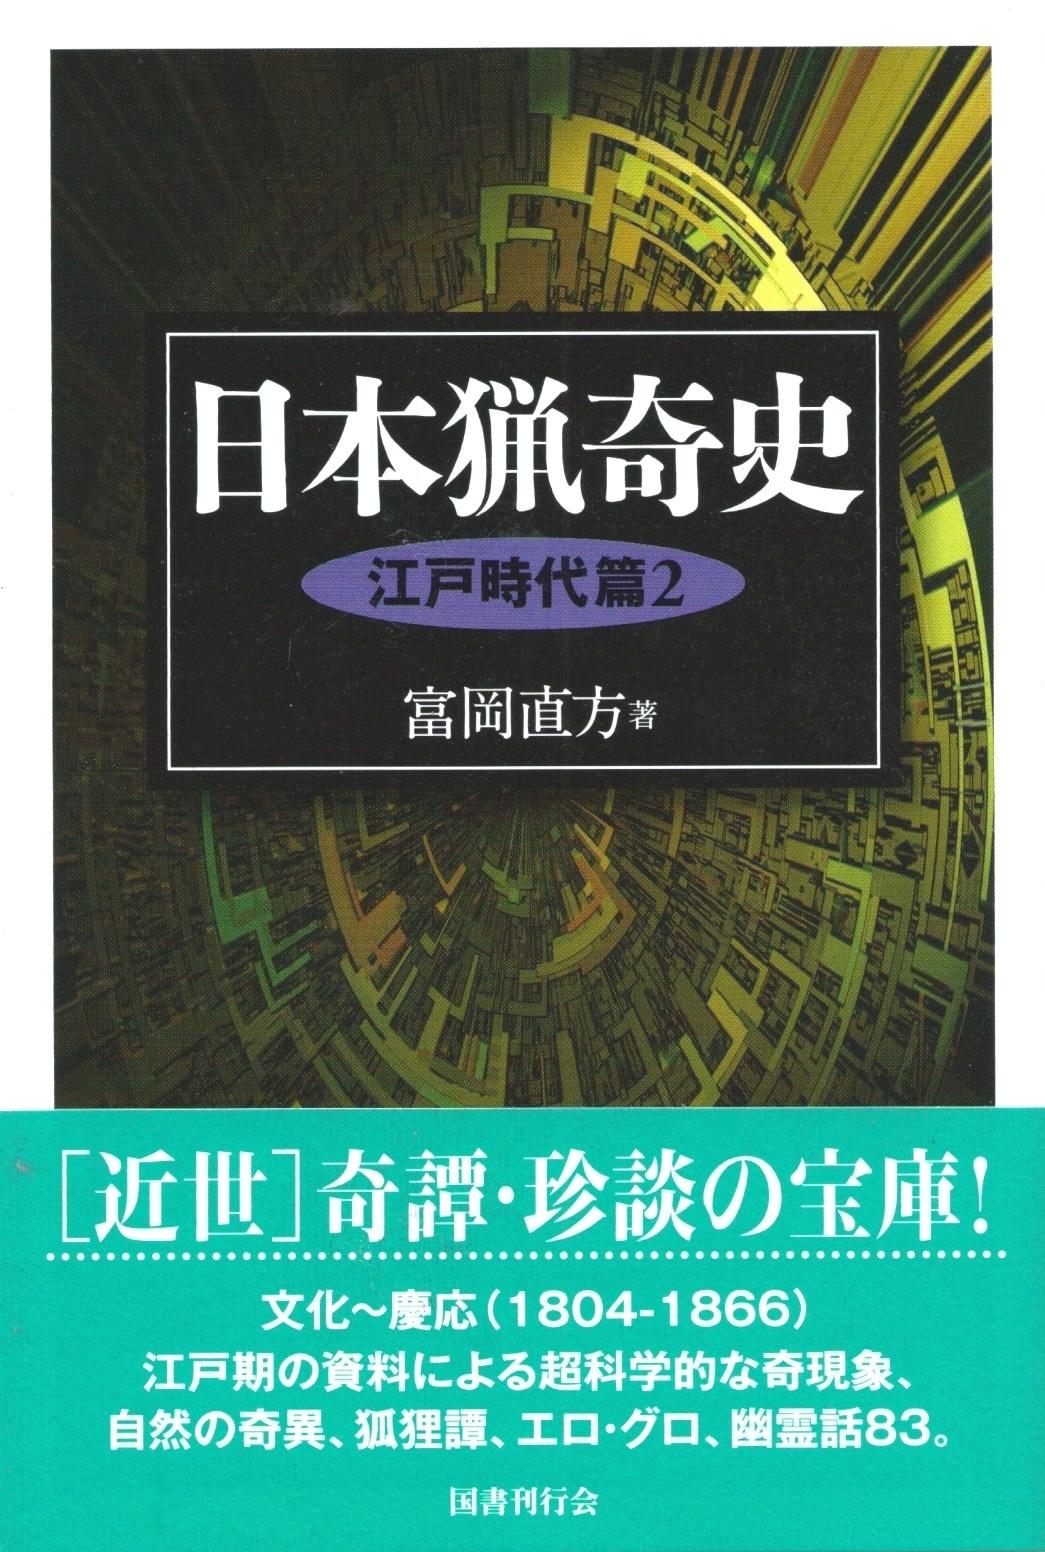 日本猟奇史 江戸時代篇2[バーゲンブック]